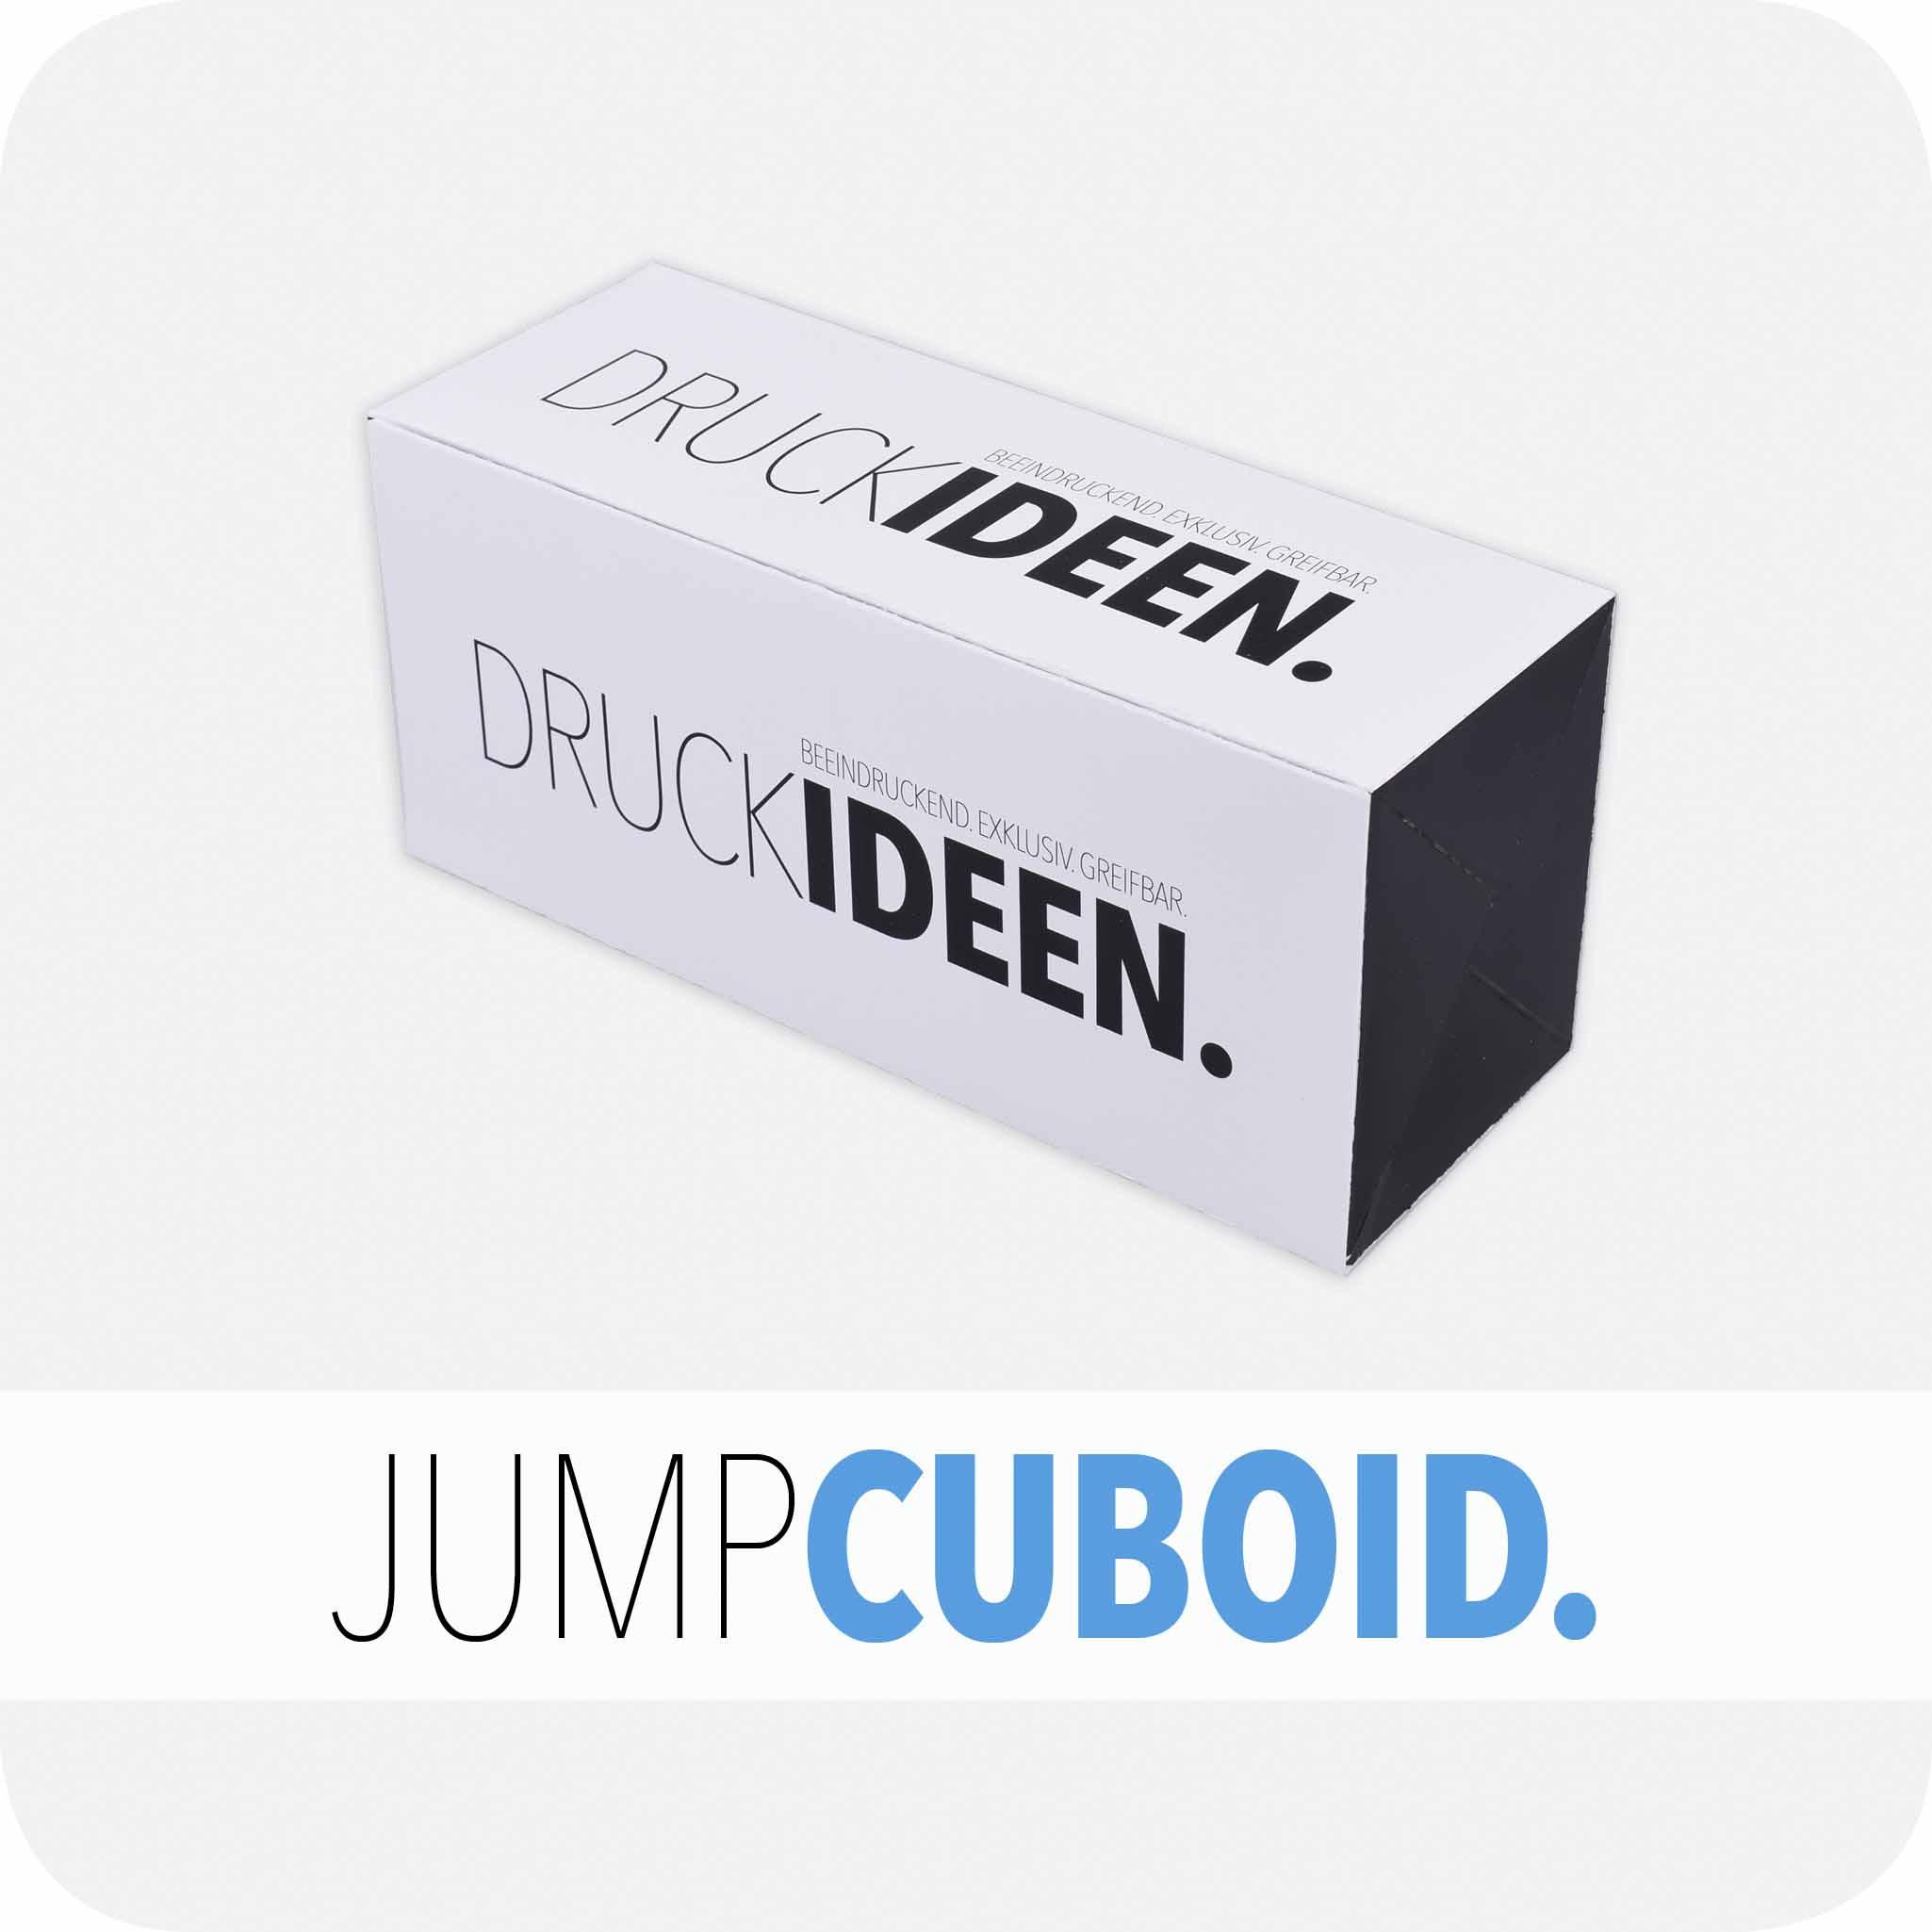 Jumpcuboid